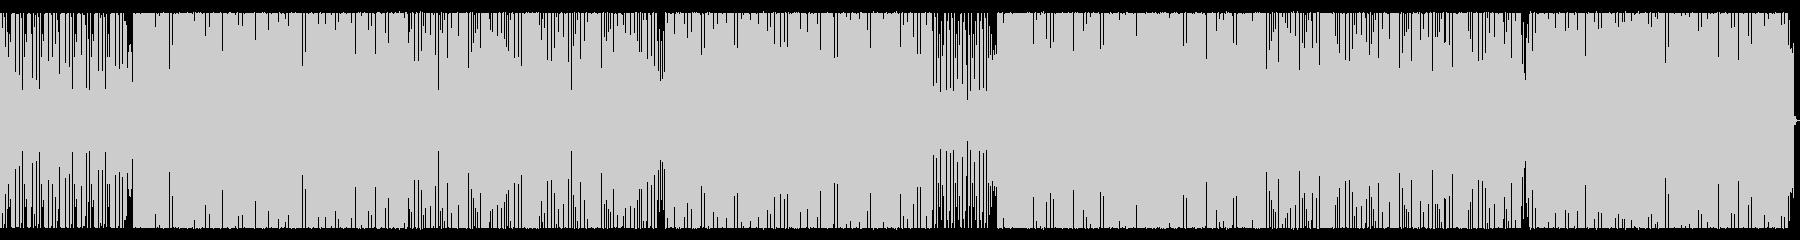 ハードなヒップホップ_No443の未再生の波形